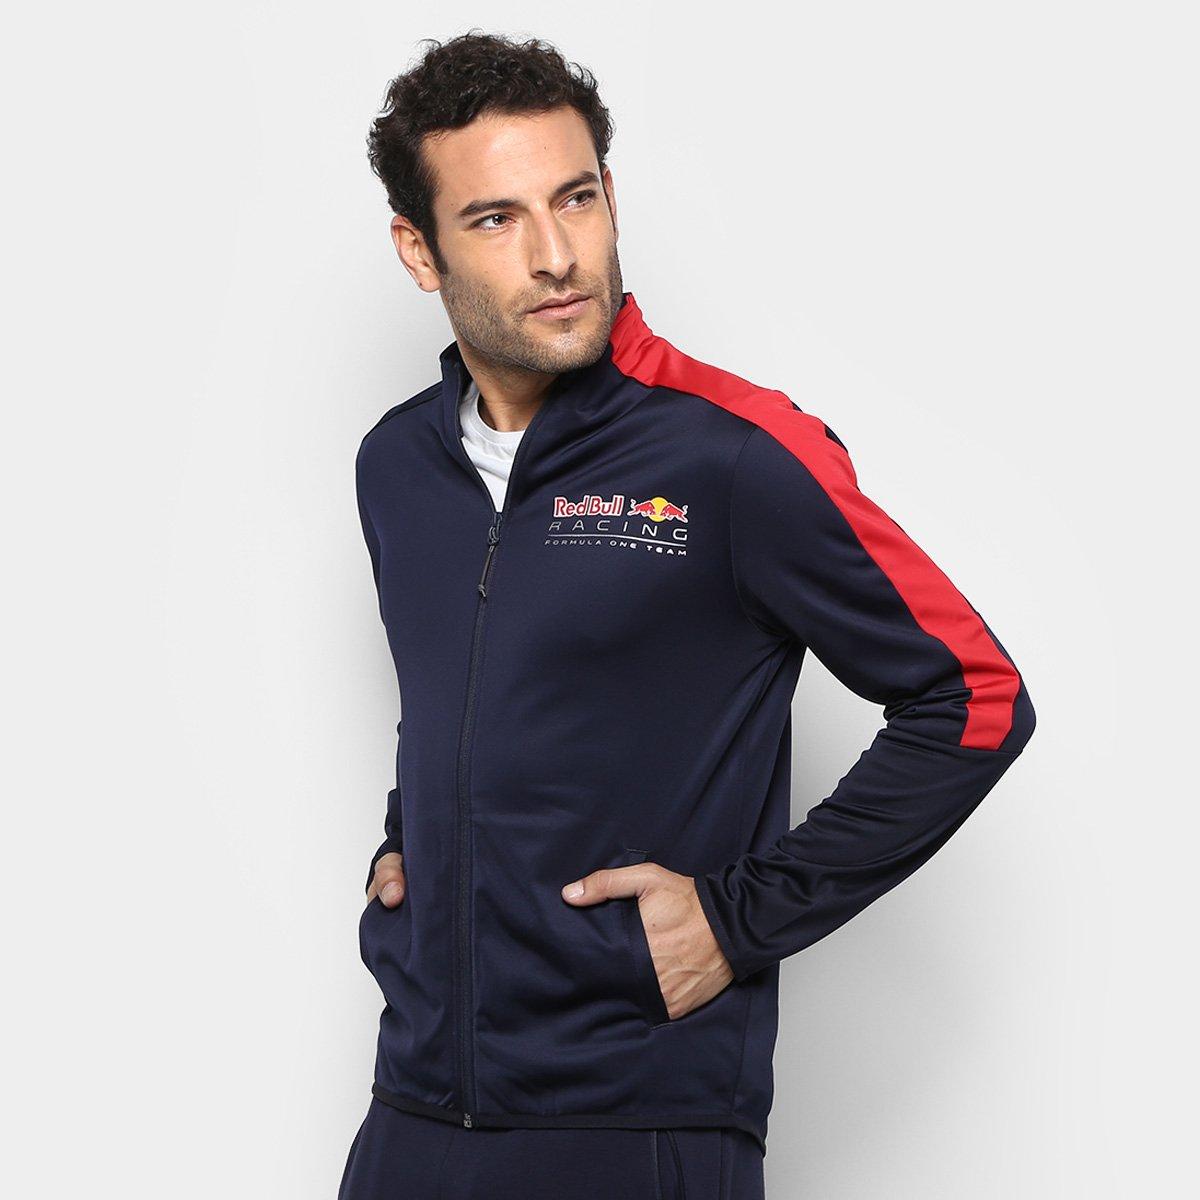 ee55dccc78f45 Jaqueta Puma Red Bull Racing T7 Track Masculina - Compre Agora ...